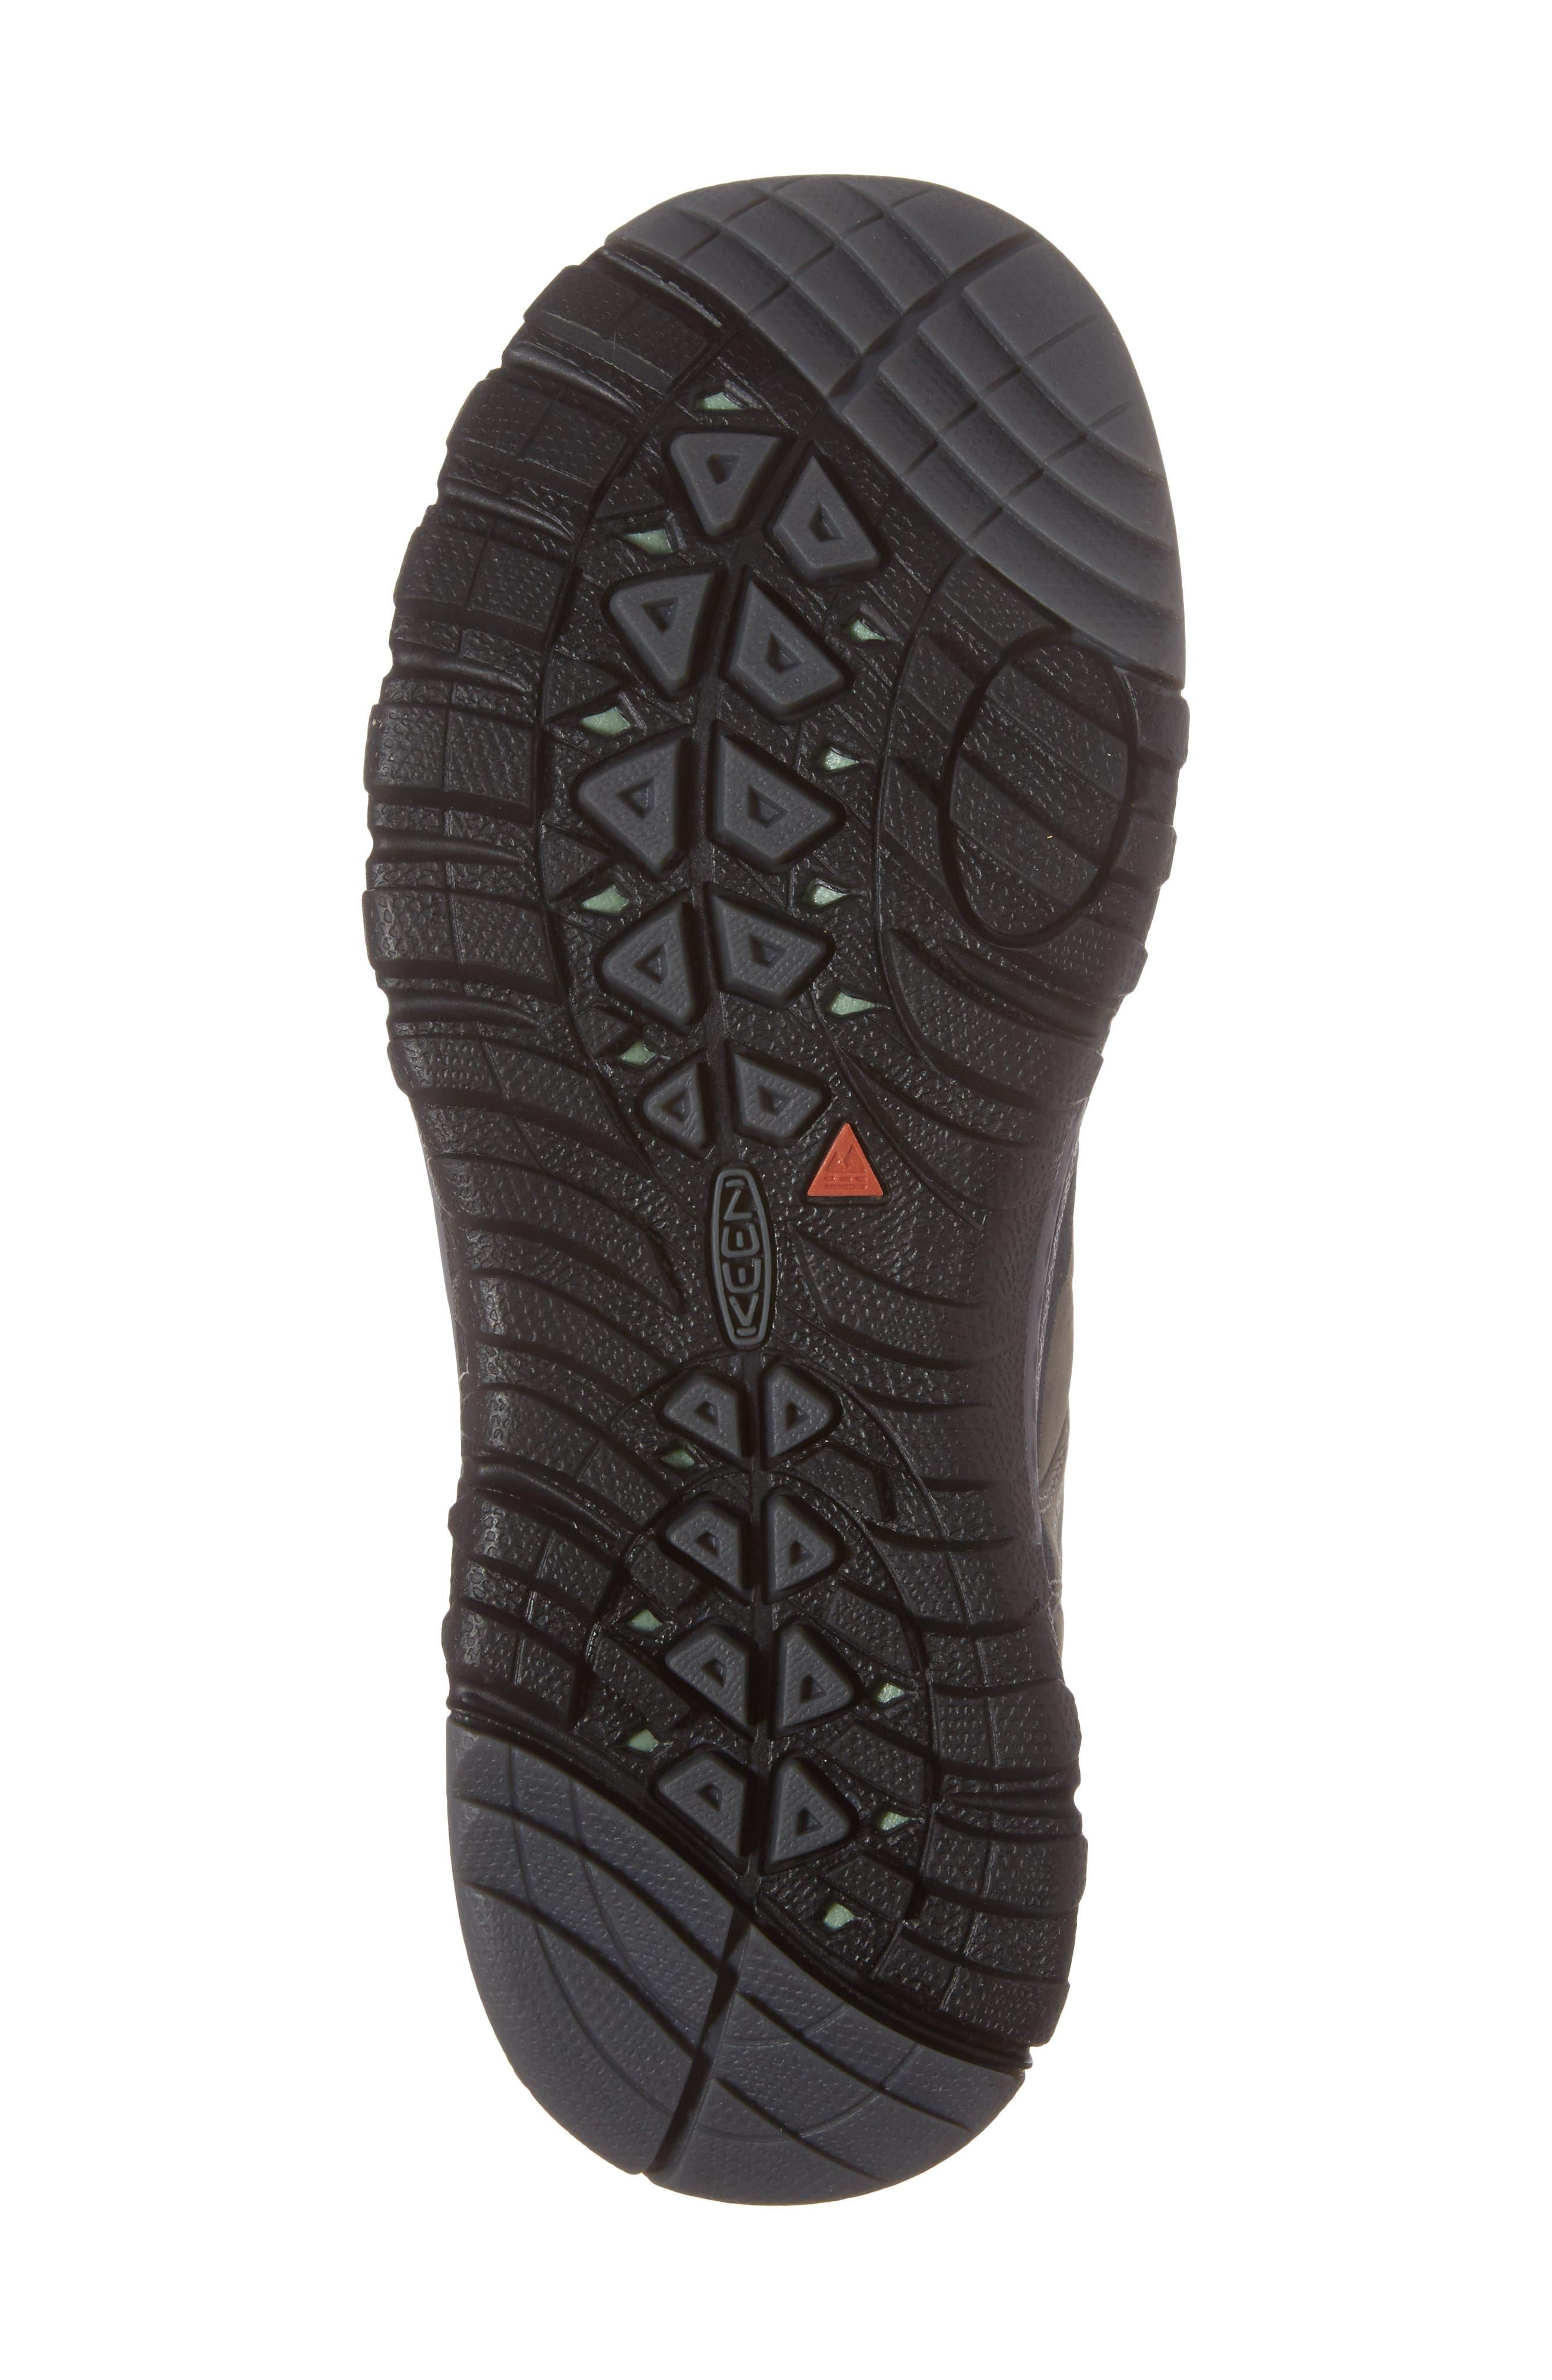 Terradora Leather Waterproof Hiking Boot,                             Alternate thumbnail 6, color,                             MUSHROOM NUBUCK LEATHER